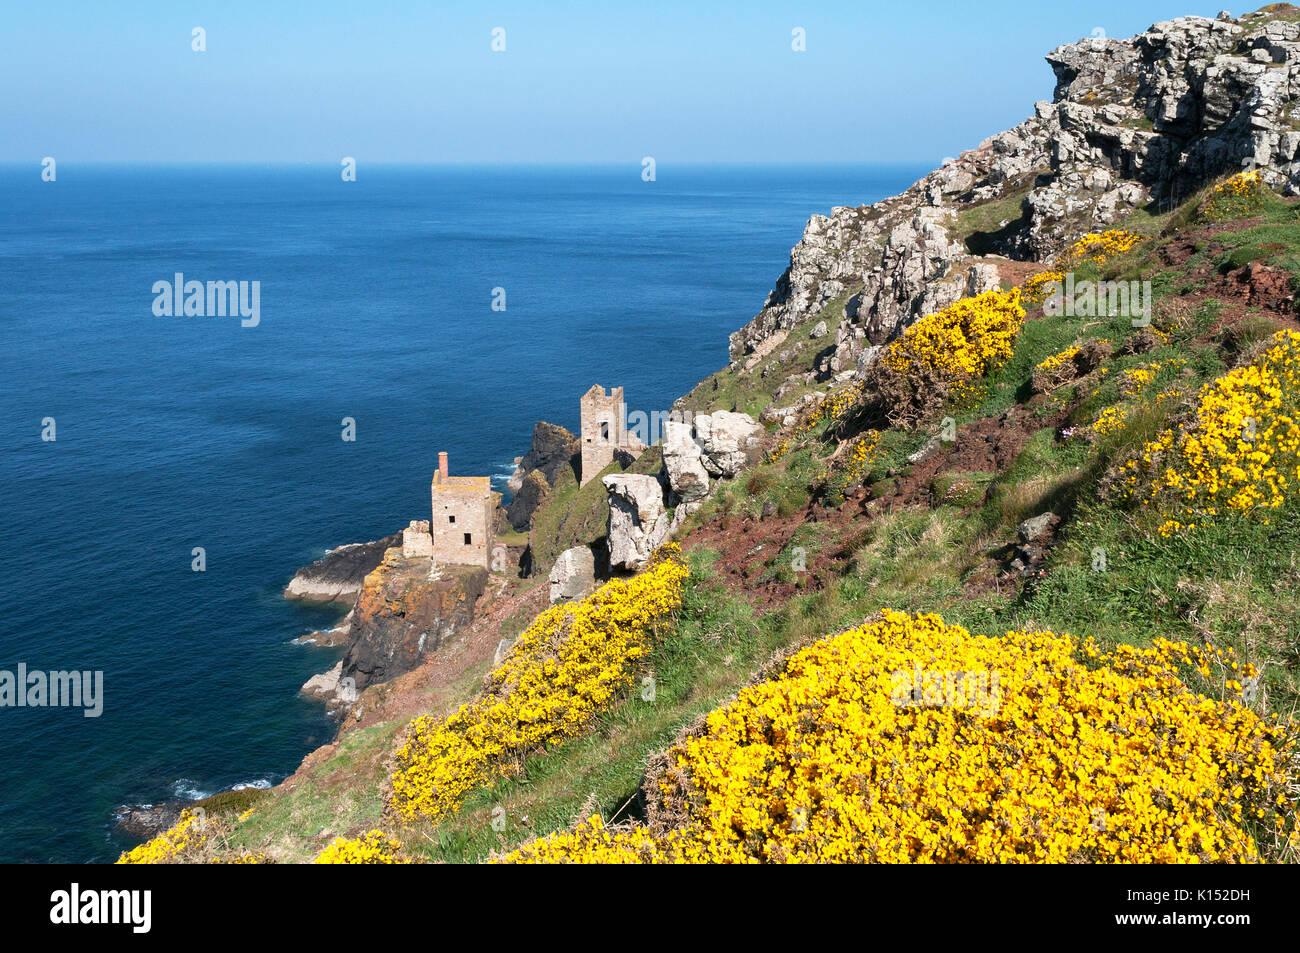 Kronen Motor Häuser auf die Steilküste am alten Schloss botallack Zinnmine in Cornwall, England, Großbritannien, Großbritannien, jetzt als Drehort verwendet Stockbild